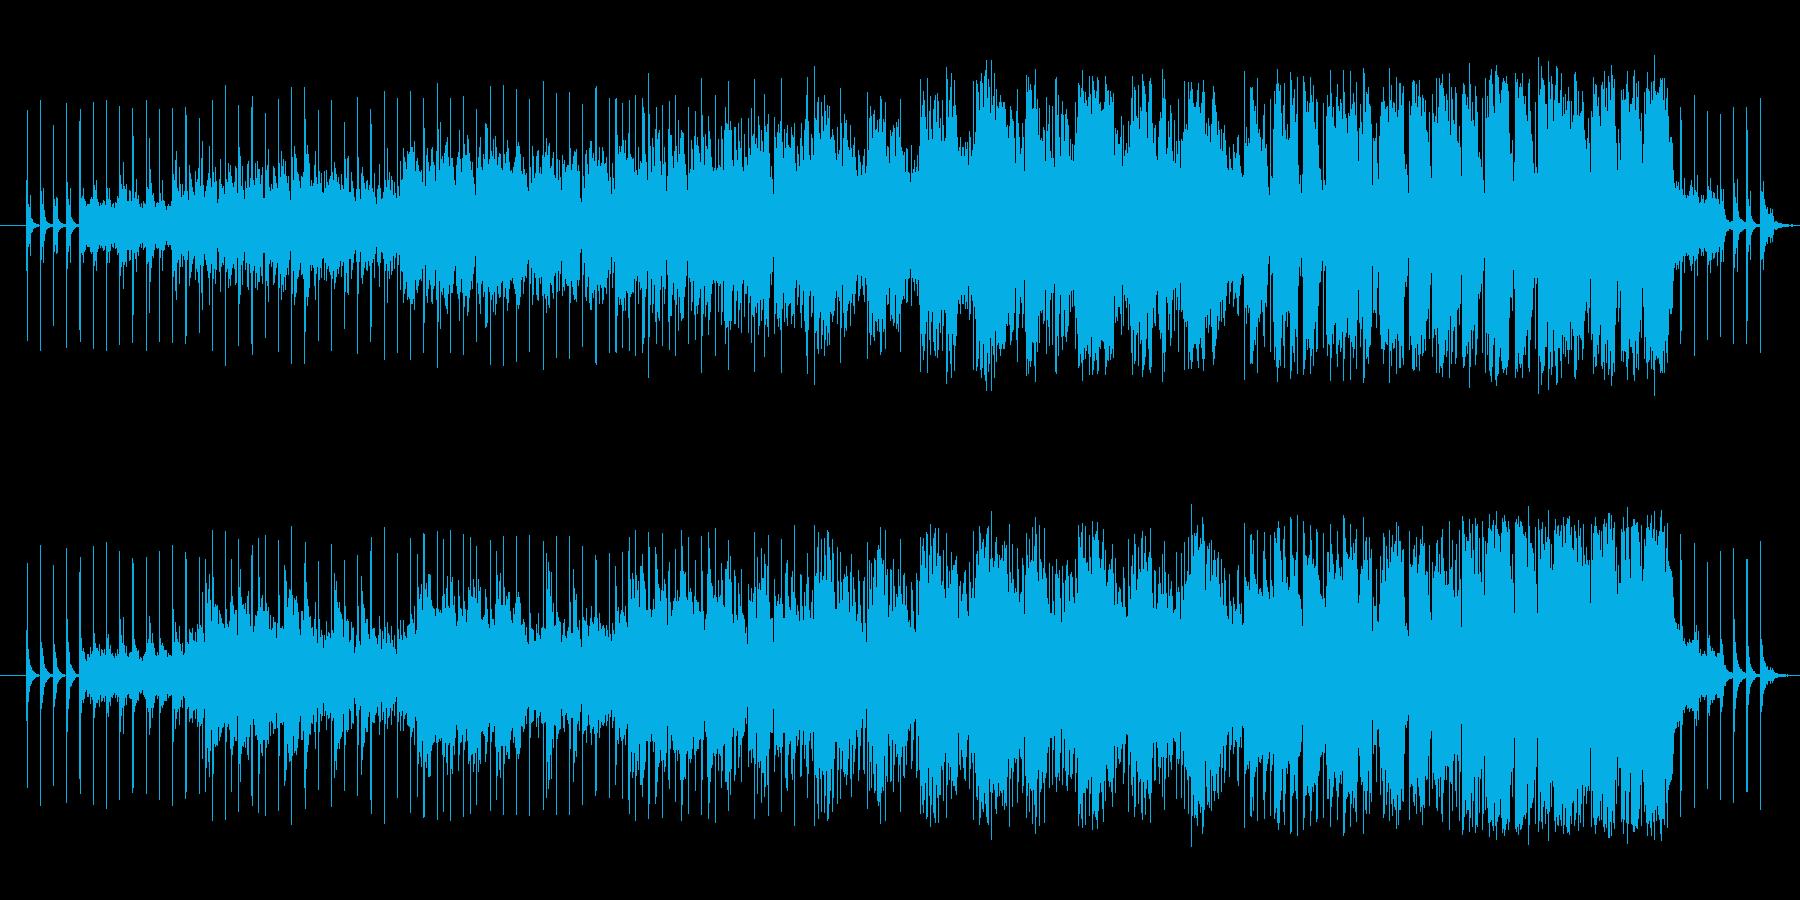 これから何かが起こりそうな広がりのある曲の再生済みの波形